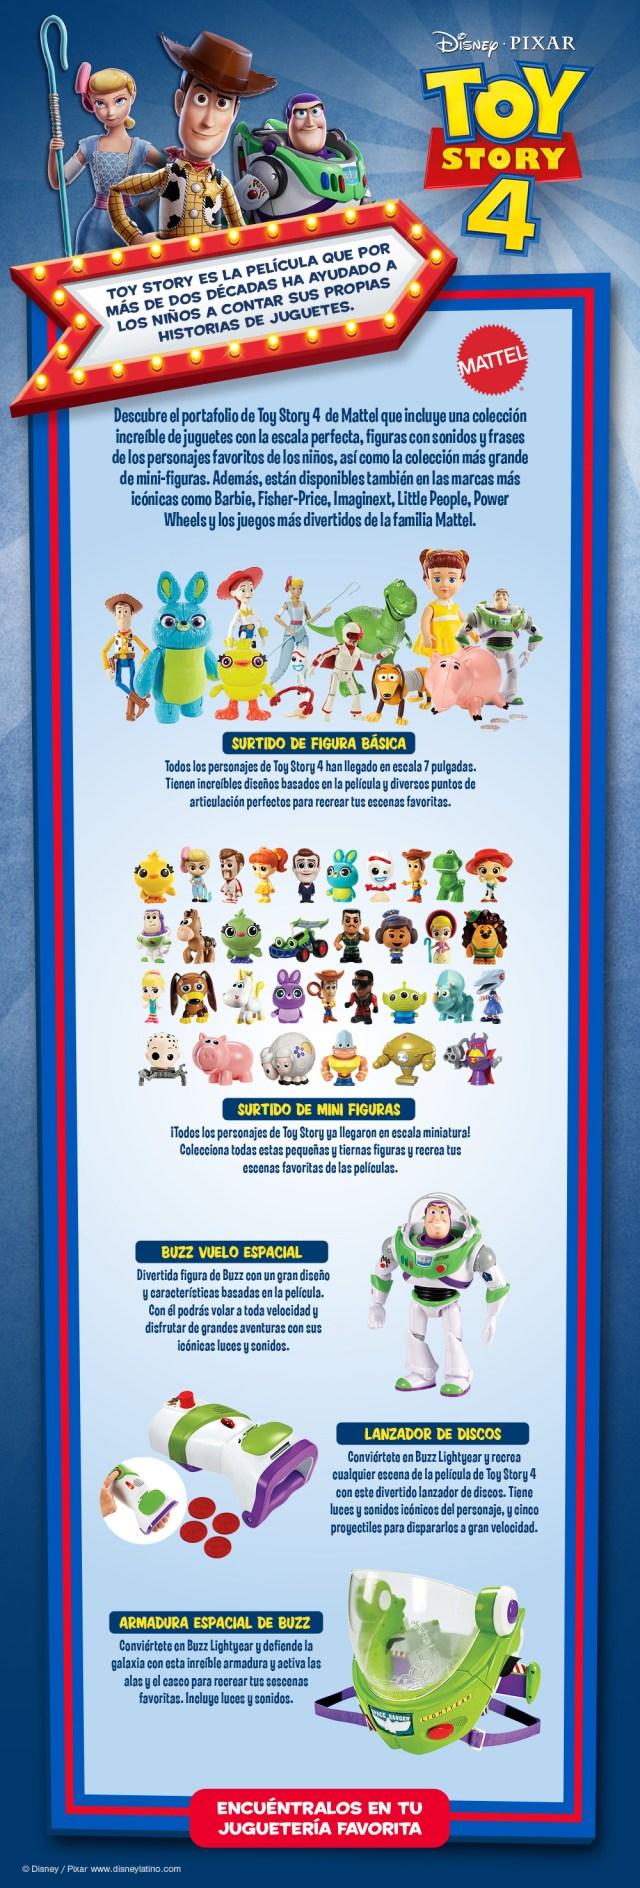 Linea Mattel Toy Story 4.jpg